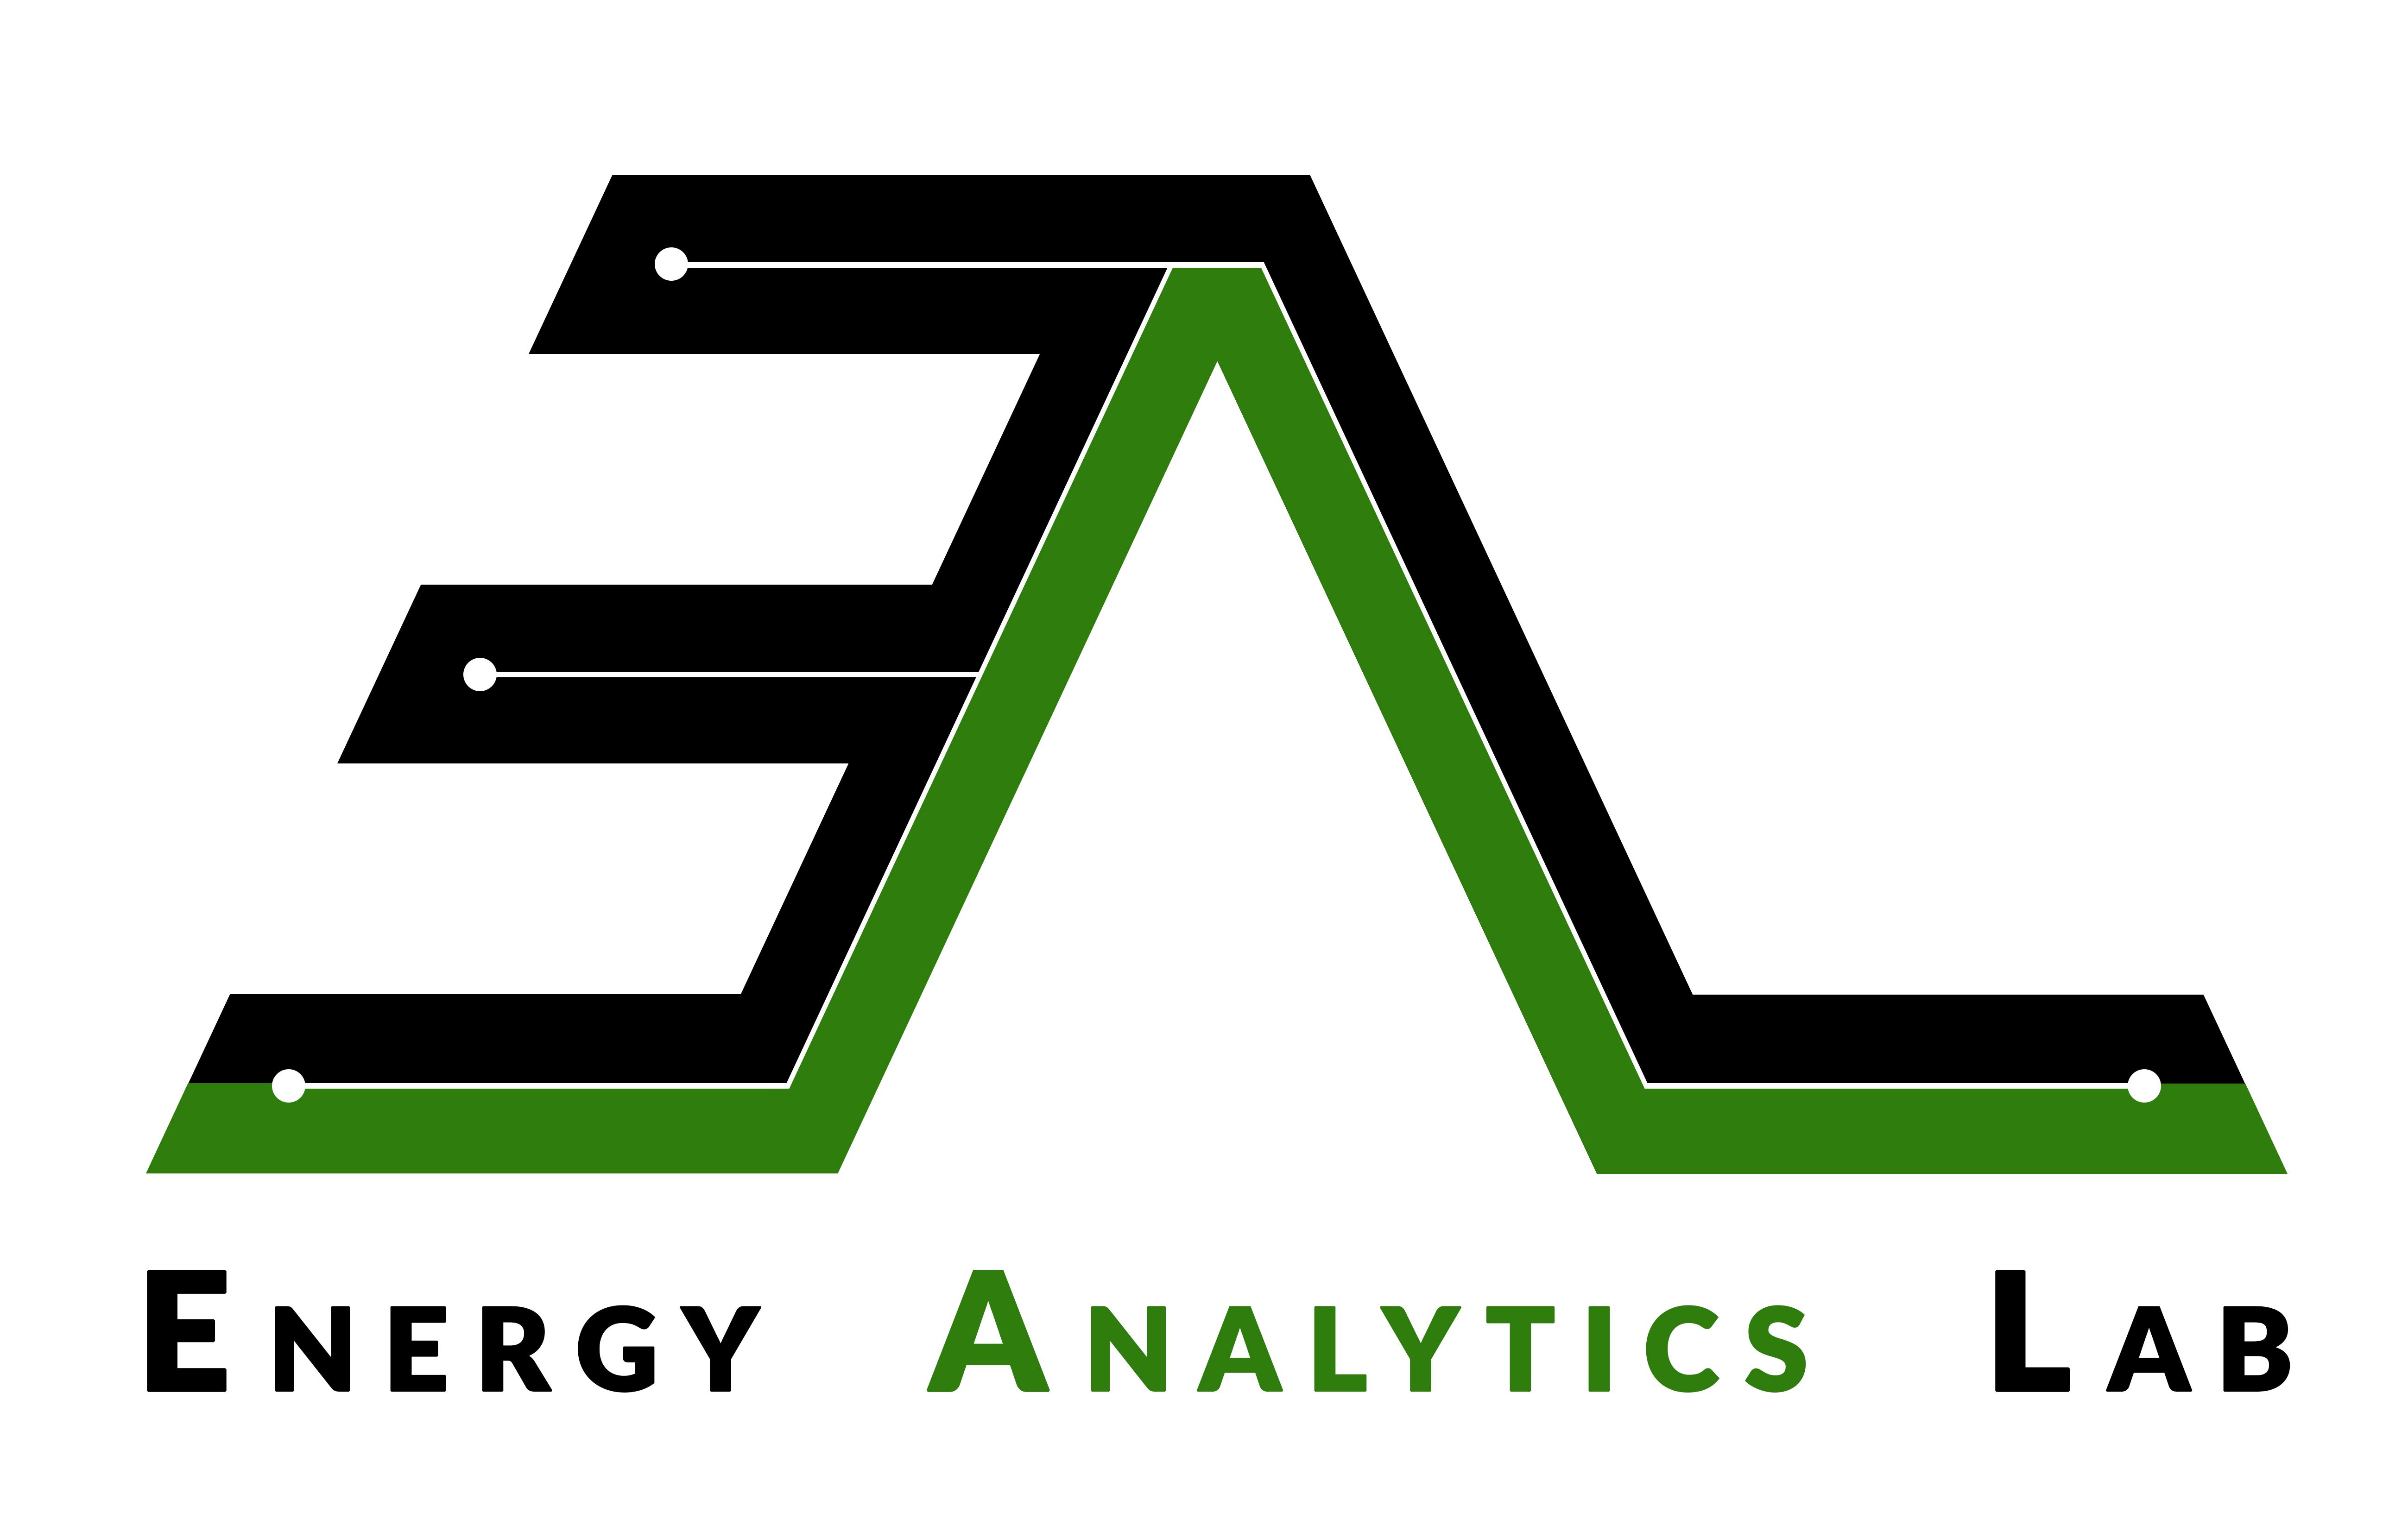 energy analytics lab